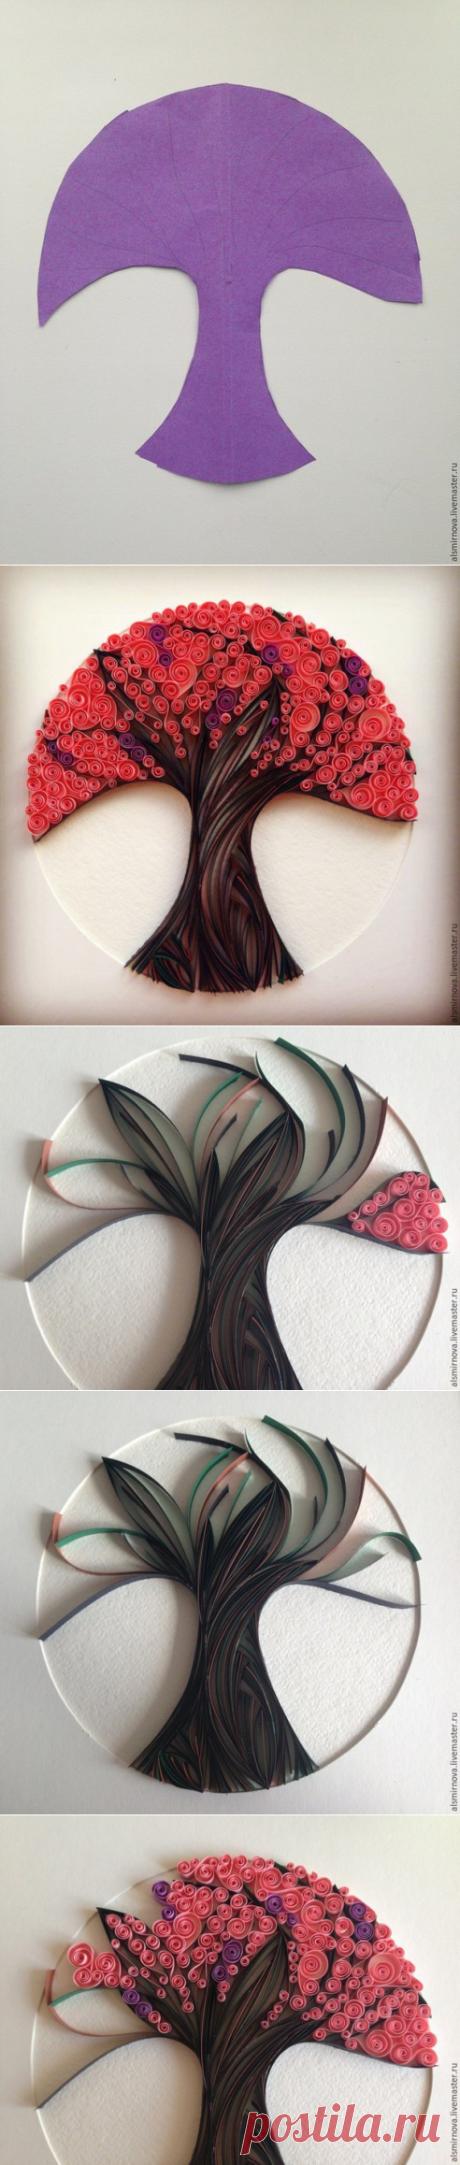 Декоративное панно в технике квиллинг — Сделай сам, идеи для творчества - DIY Ideas